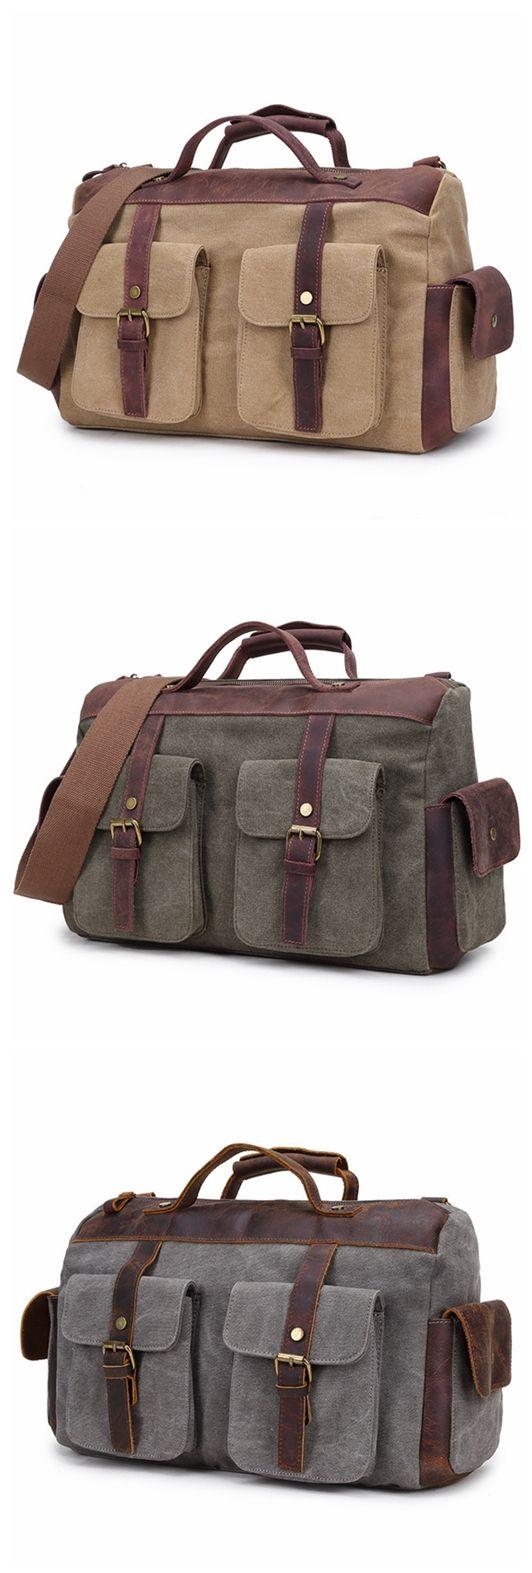 15'' Canvas Leather Travel Bag Messenger Bag Briefcase Shoulder Bag Duffle Bag FB05 Overview: Design: Vintage Canvas Leather Duffle Bag In Stock: 4-5 days For Making Include: Only Canvas Messenger Bag